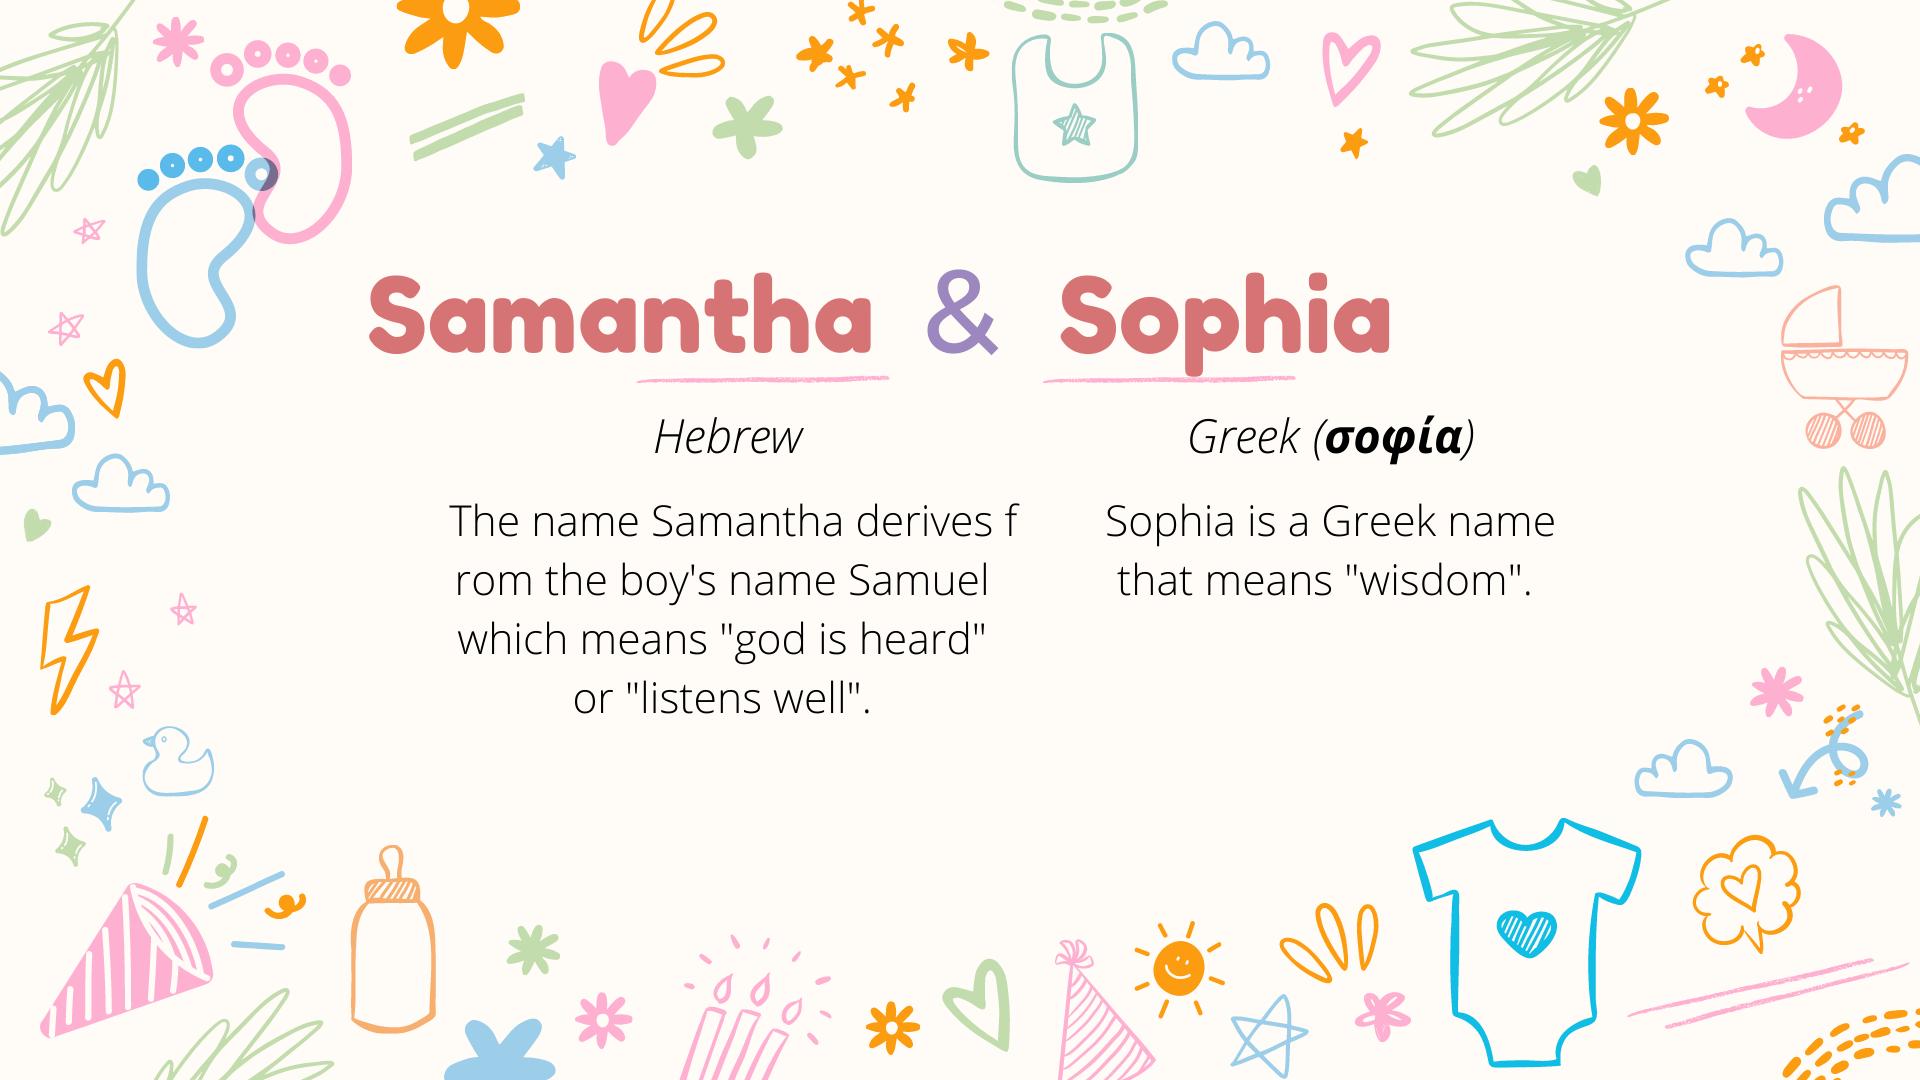 Signification des noms des jumelles Samantha et Sophia.